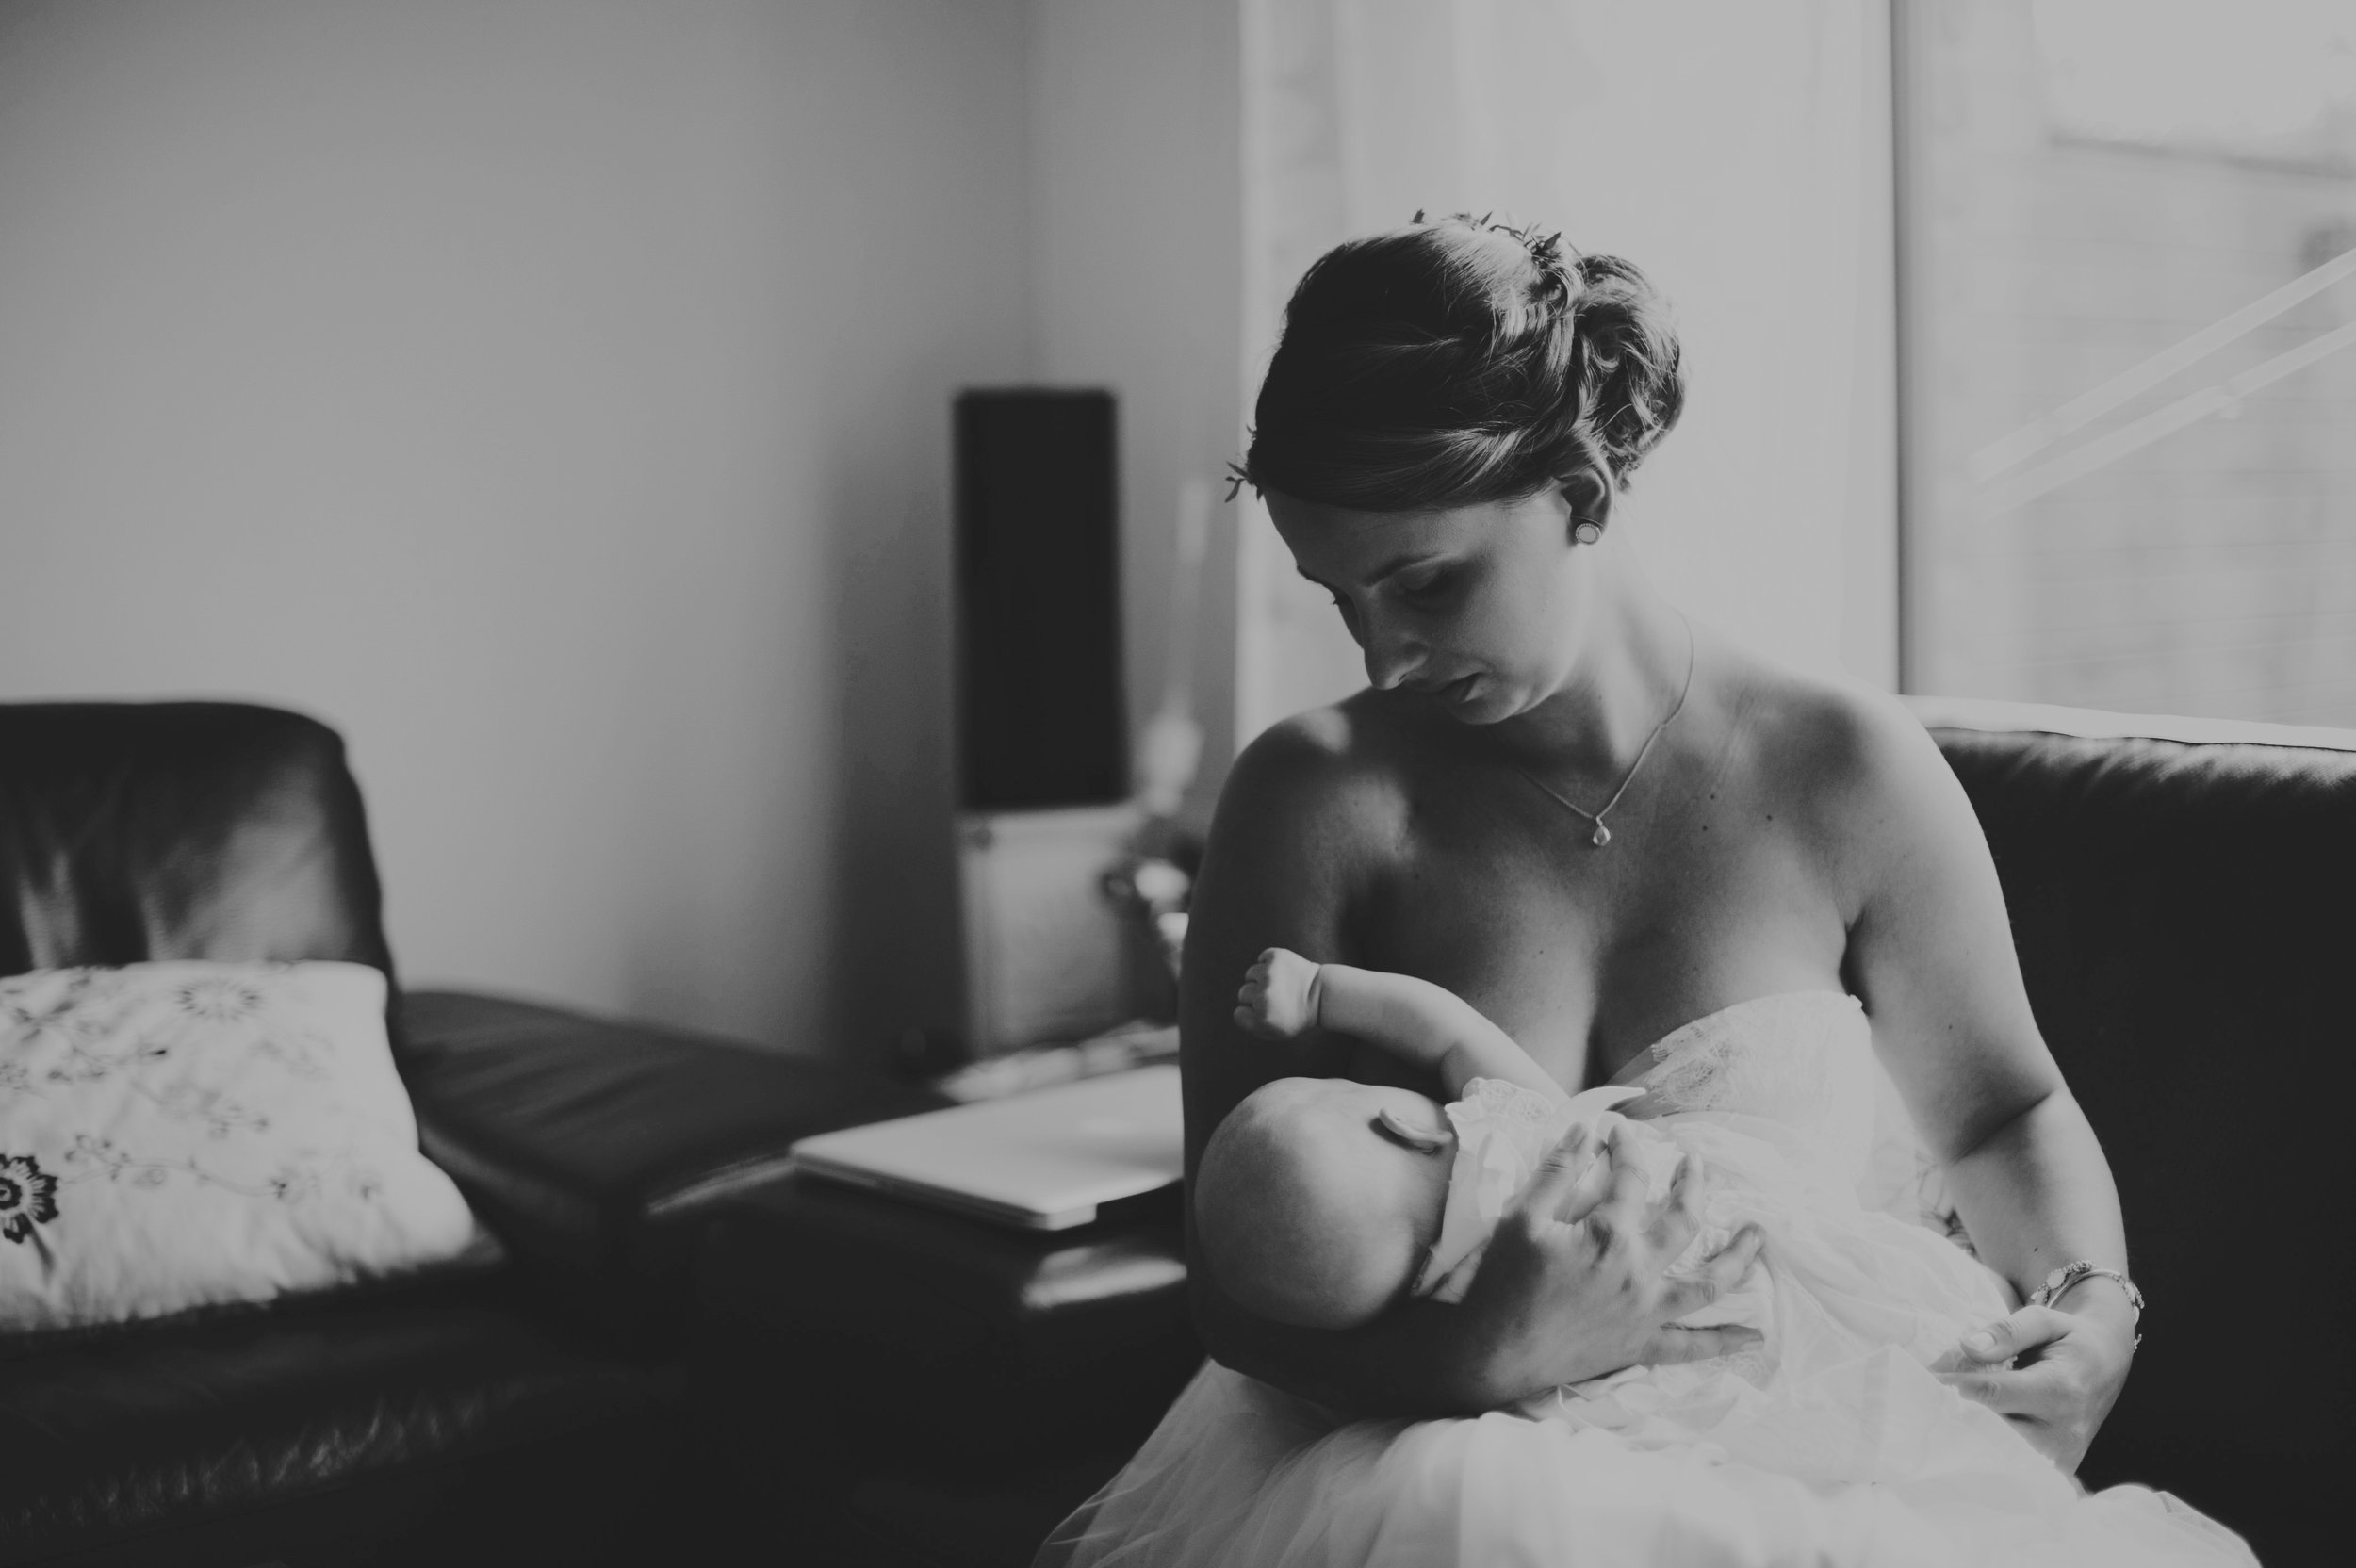 hochzeit-stillen-braut-schwanger-neugeboren.jpg